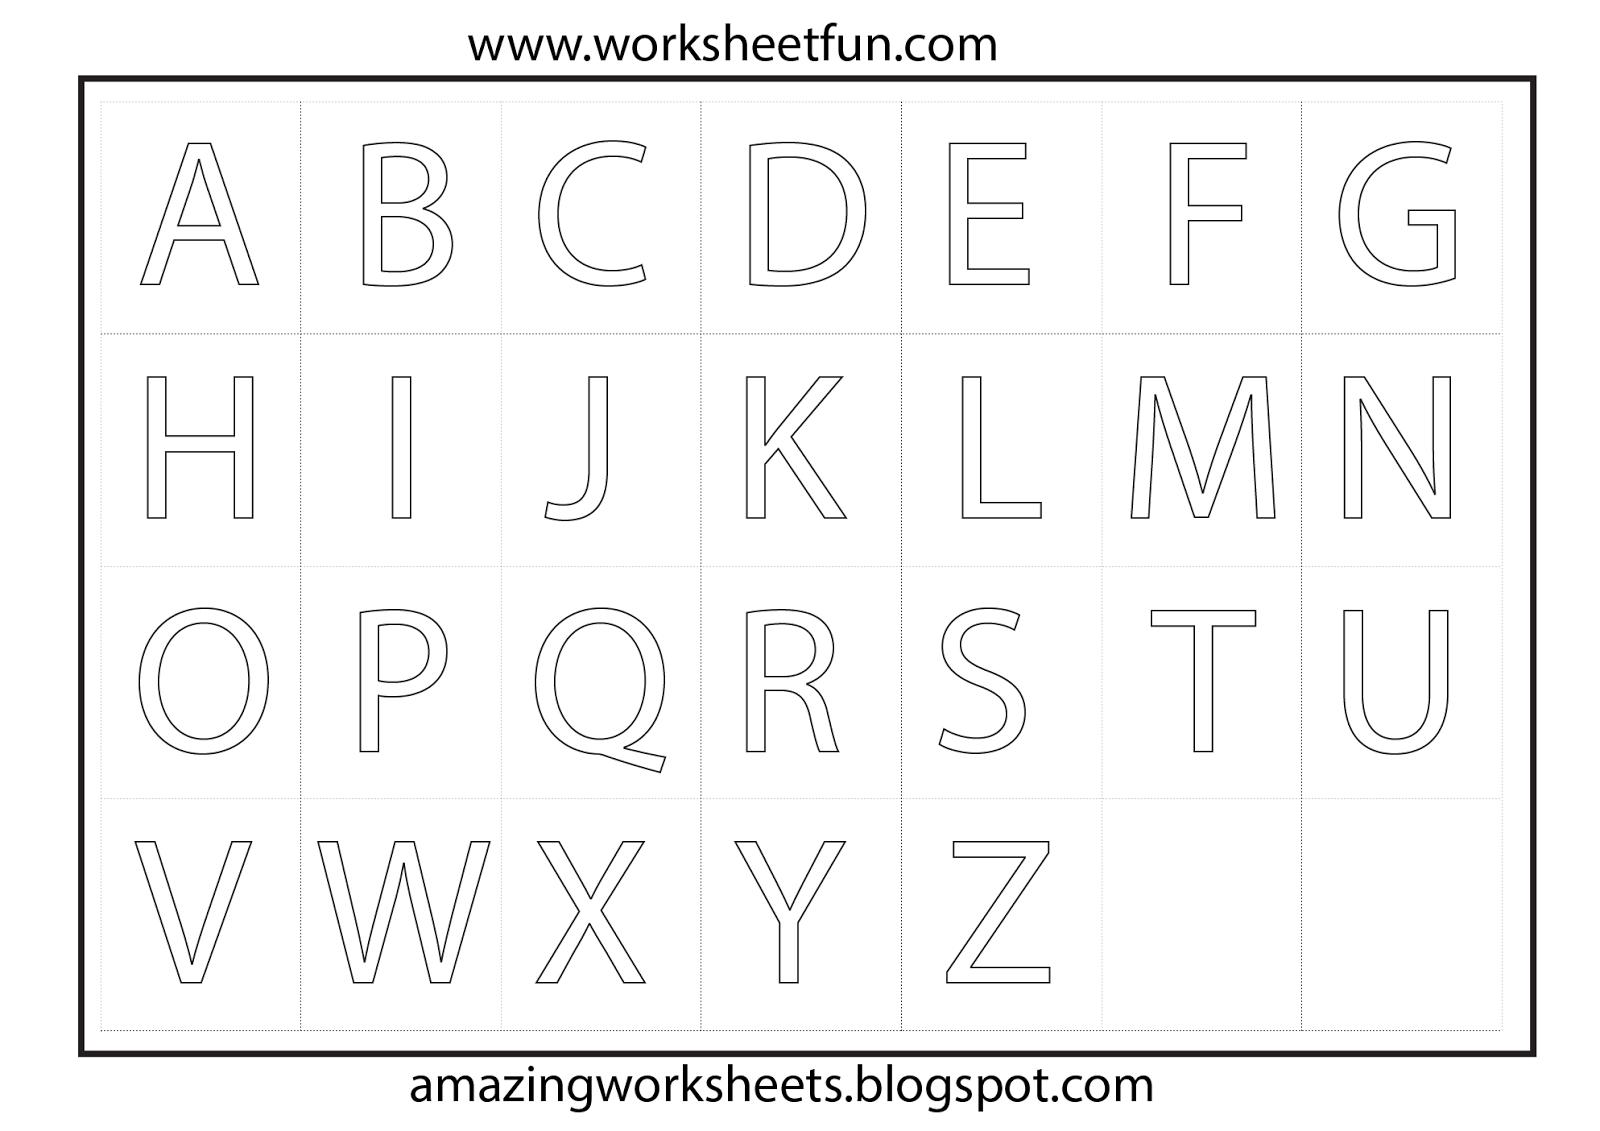 Preschool Worksheets To Print - Bing Images